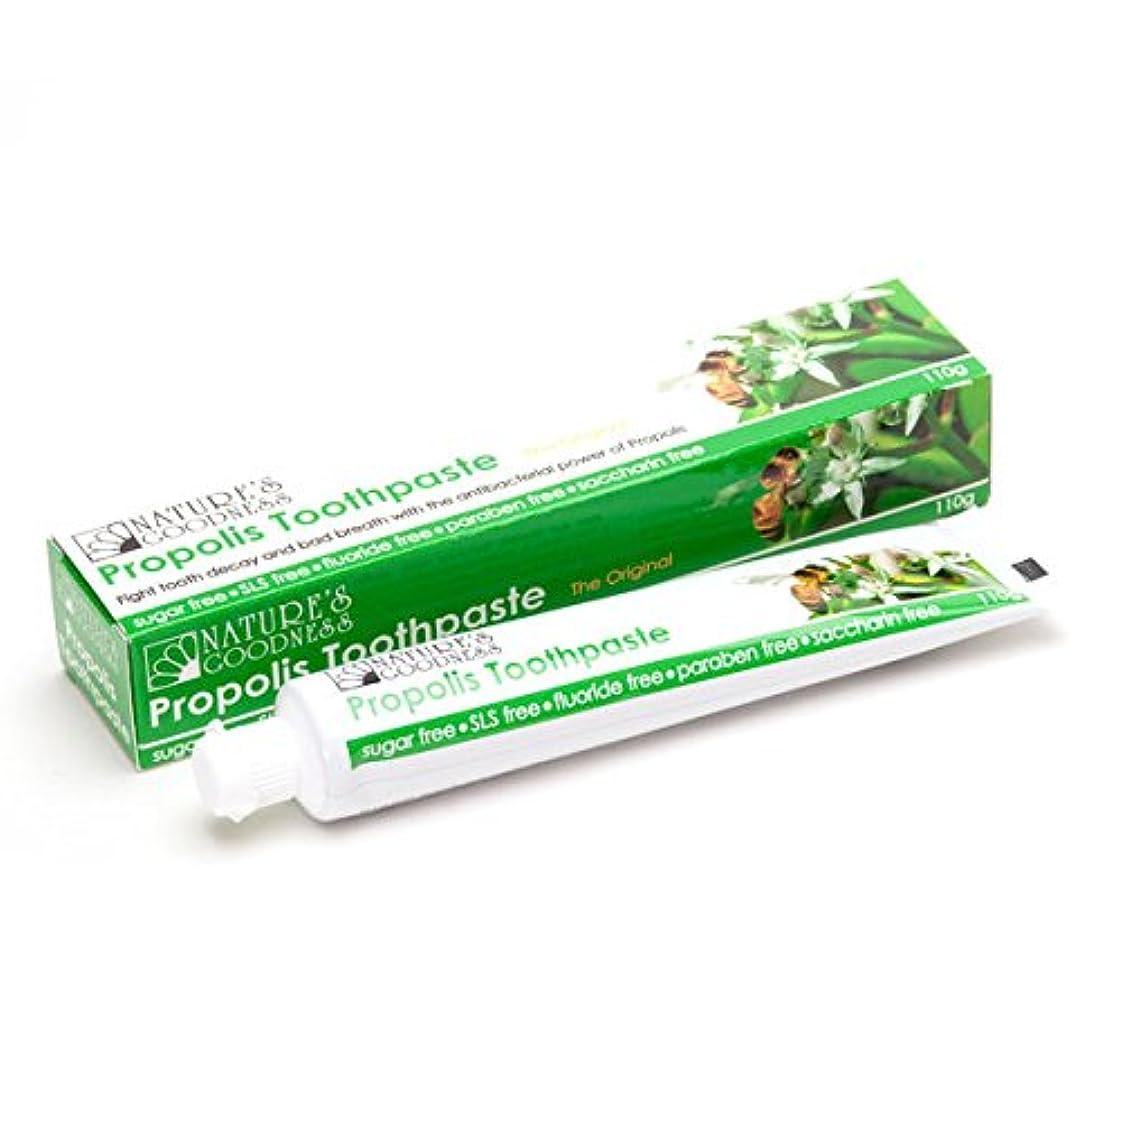 ボタンペパーミント代数的[Nature's Goodness] ネイチャーズグッドネス プロポリス歯磨き粉110g x3個セット【海外直送】